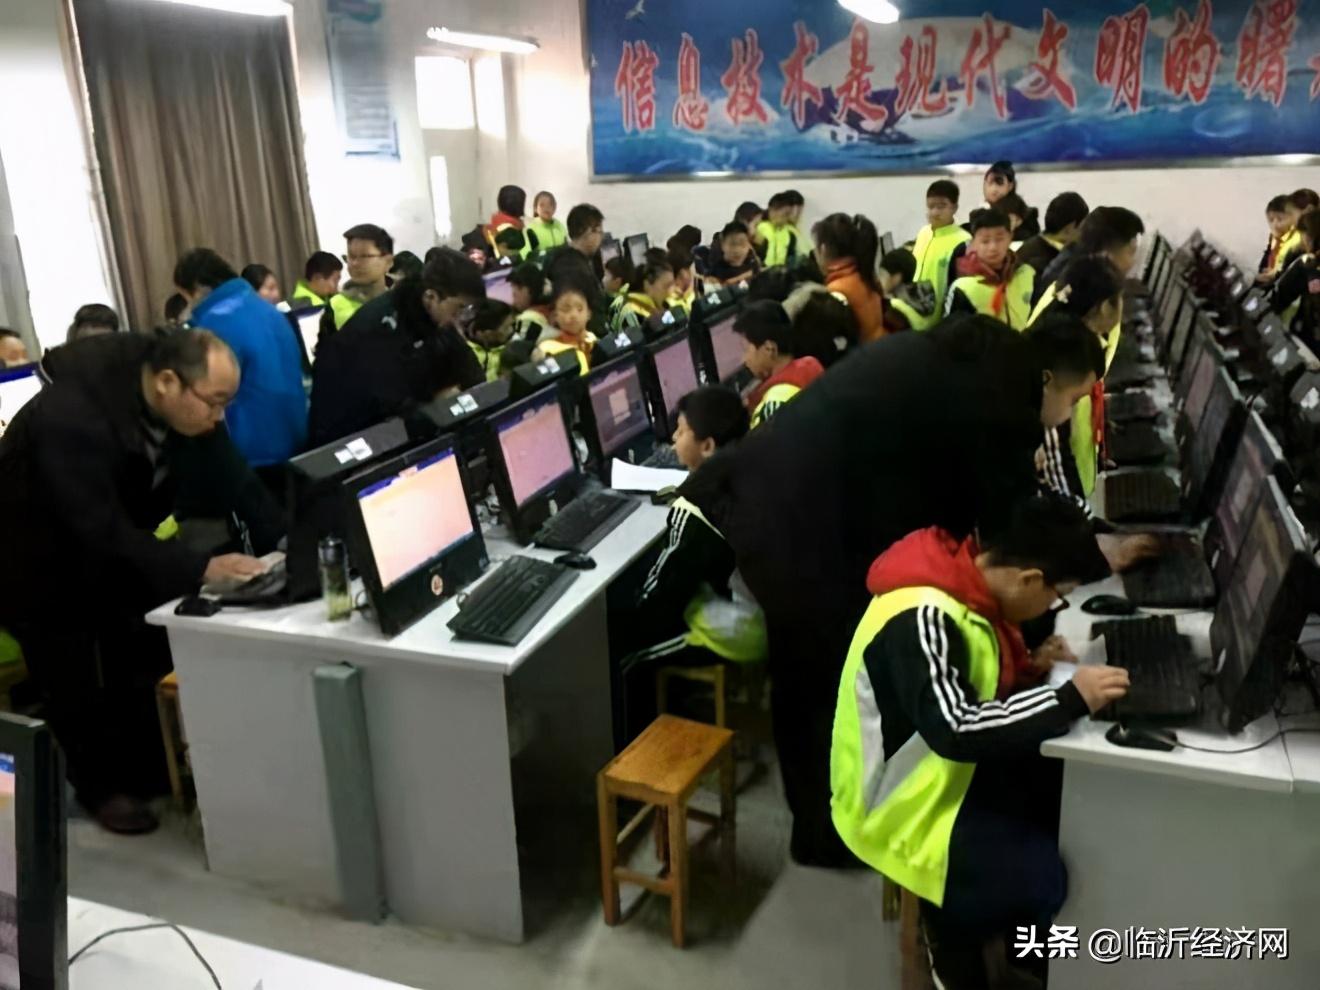 兰陵县禁毒办和教体局扎实开展青少年毒品预防教育暨禁毒知识竞赛